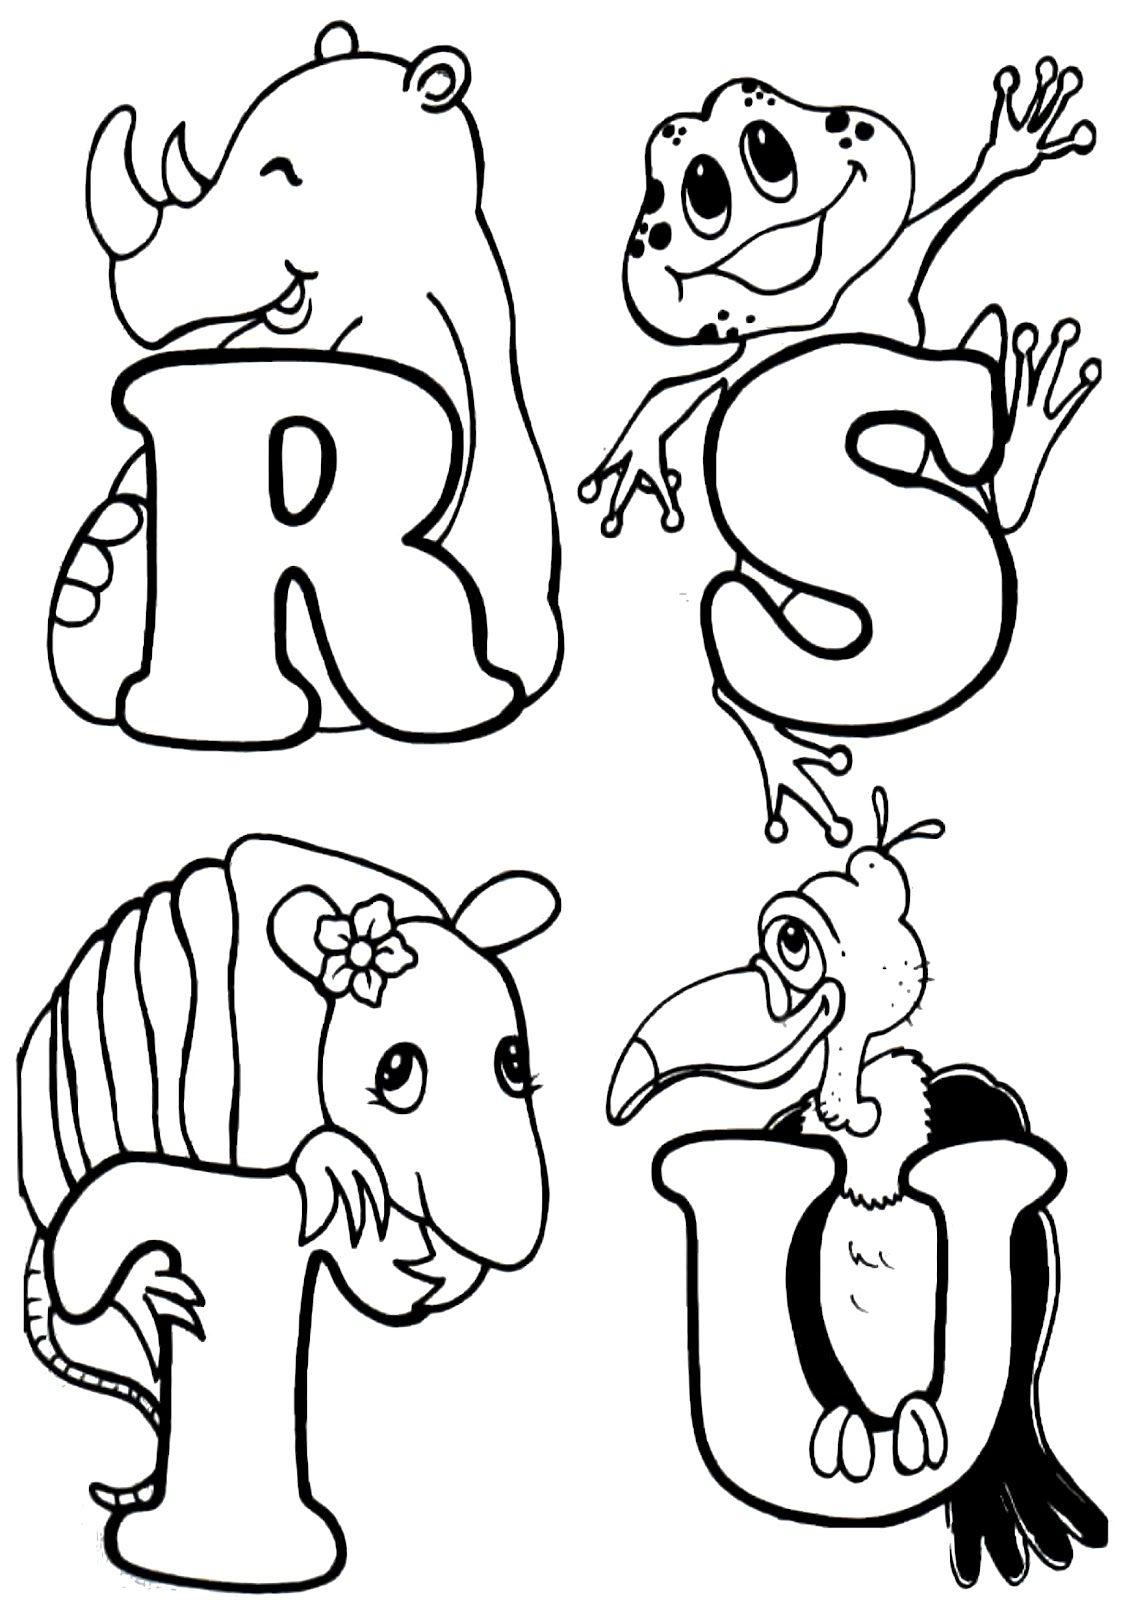 Alfabeto Animais 5 Jpg 1132 1600 Com Imagens Alfabeto Animal